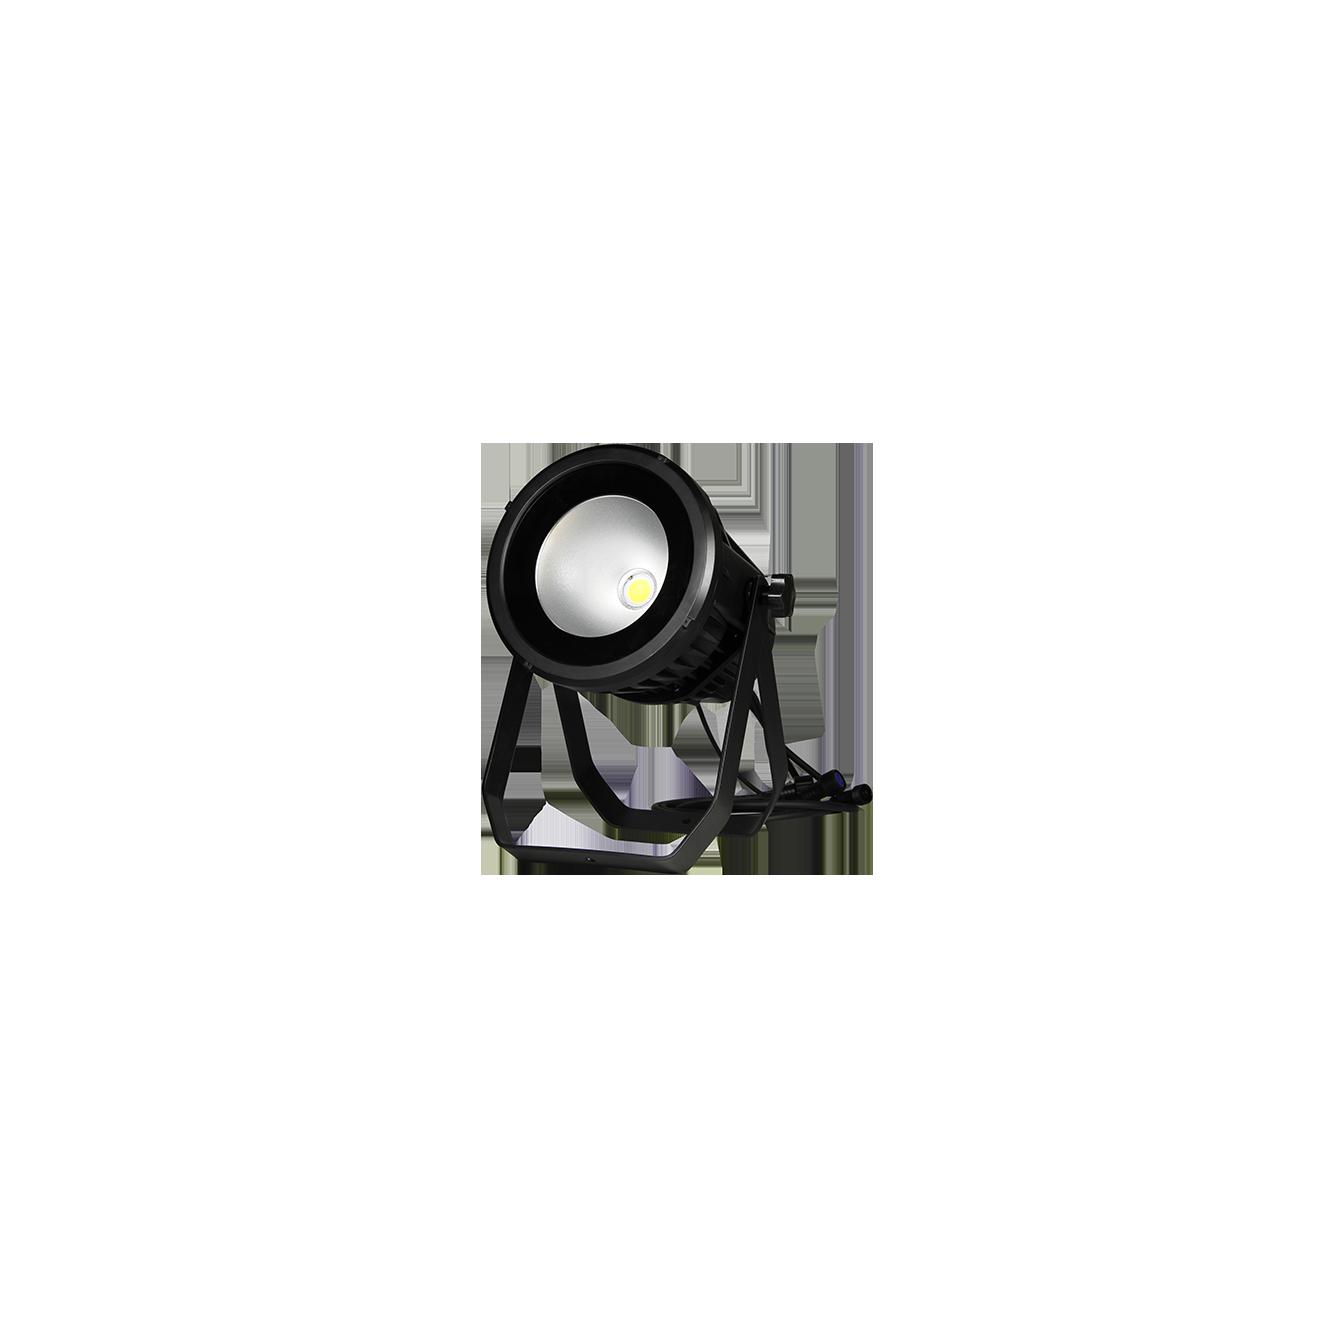 Par Can Light Suppliers|Led Par Cans Lights Manufacturers|Outdoor Par Can LED